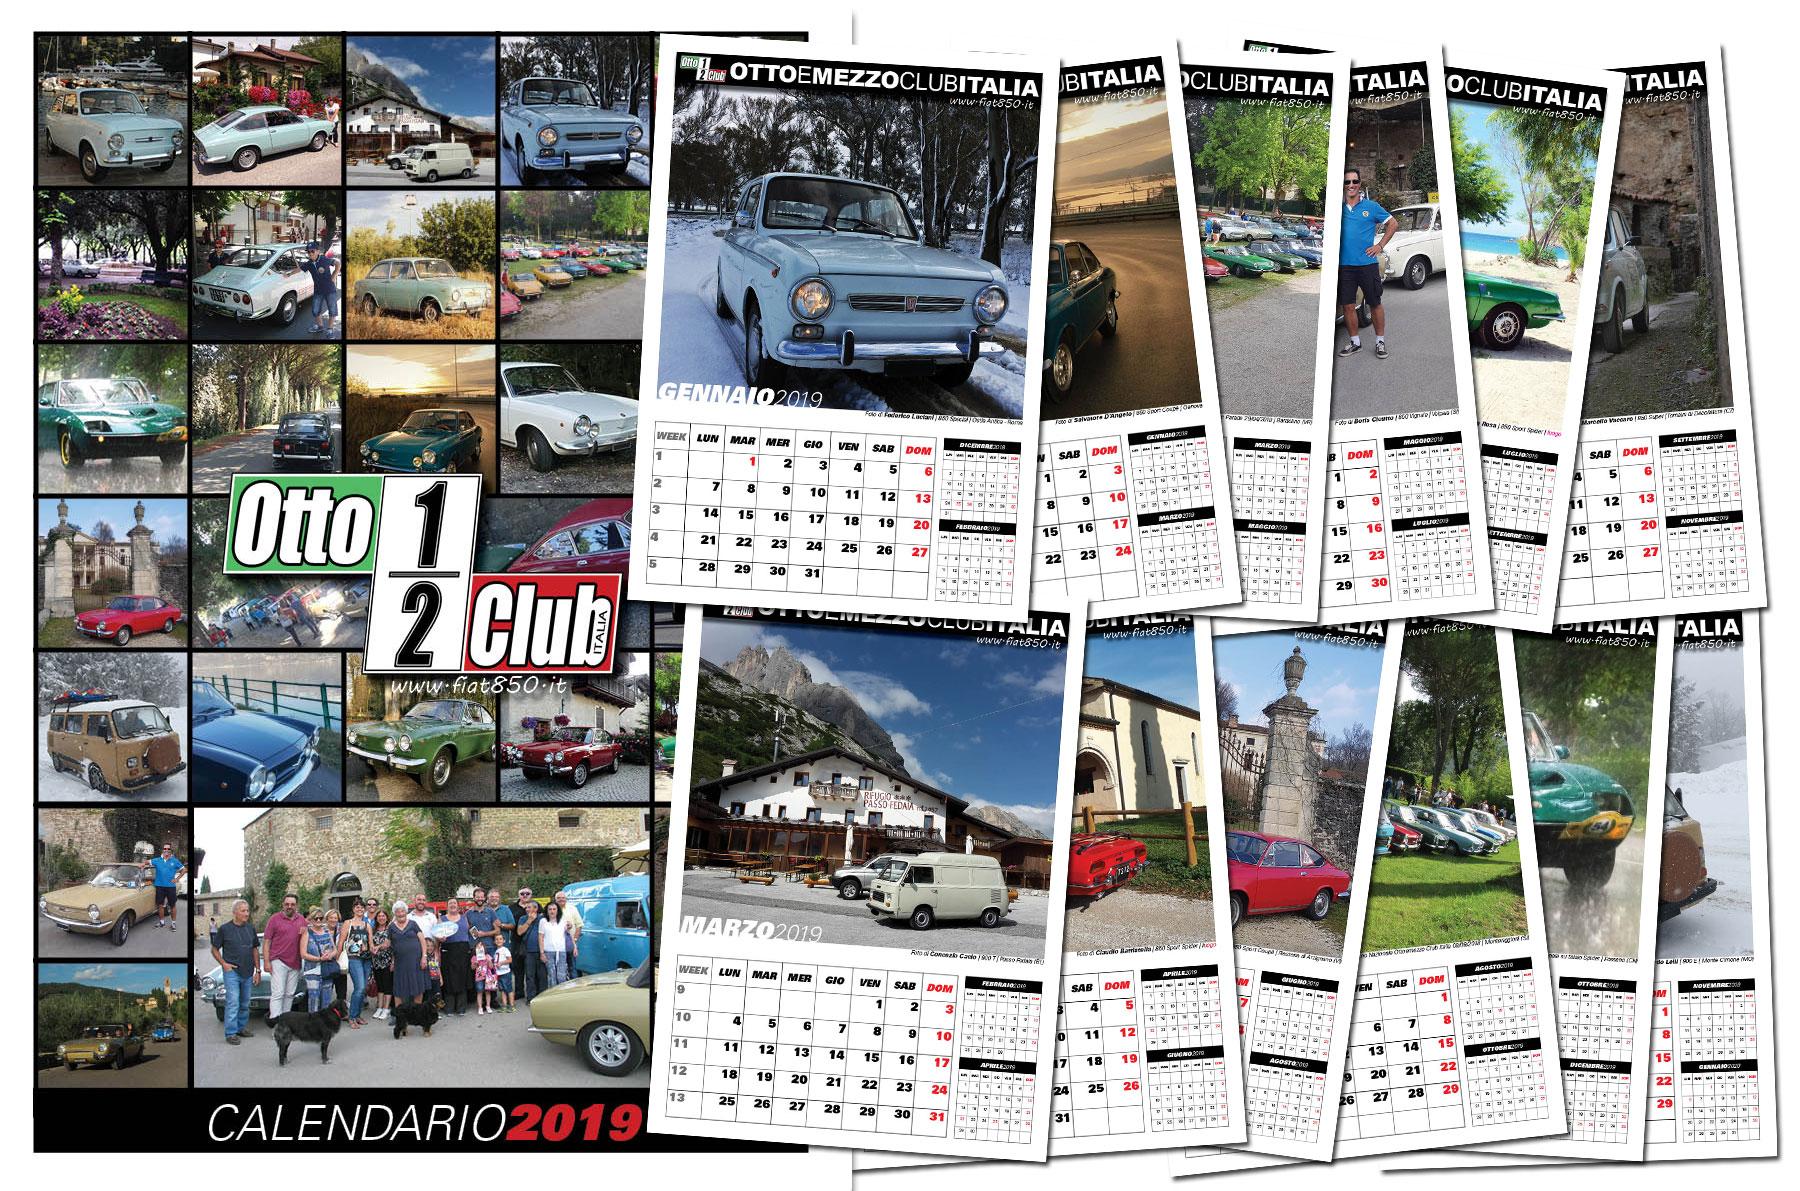 Prenotazione acquisto calendario 2019